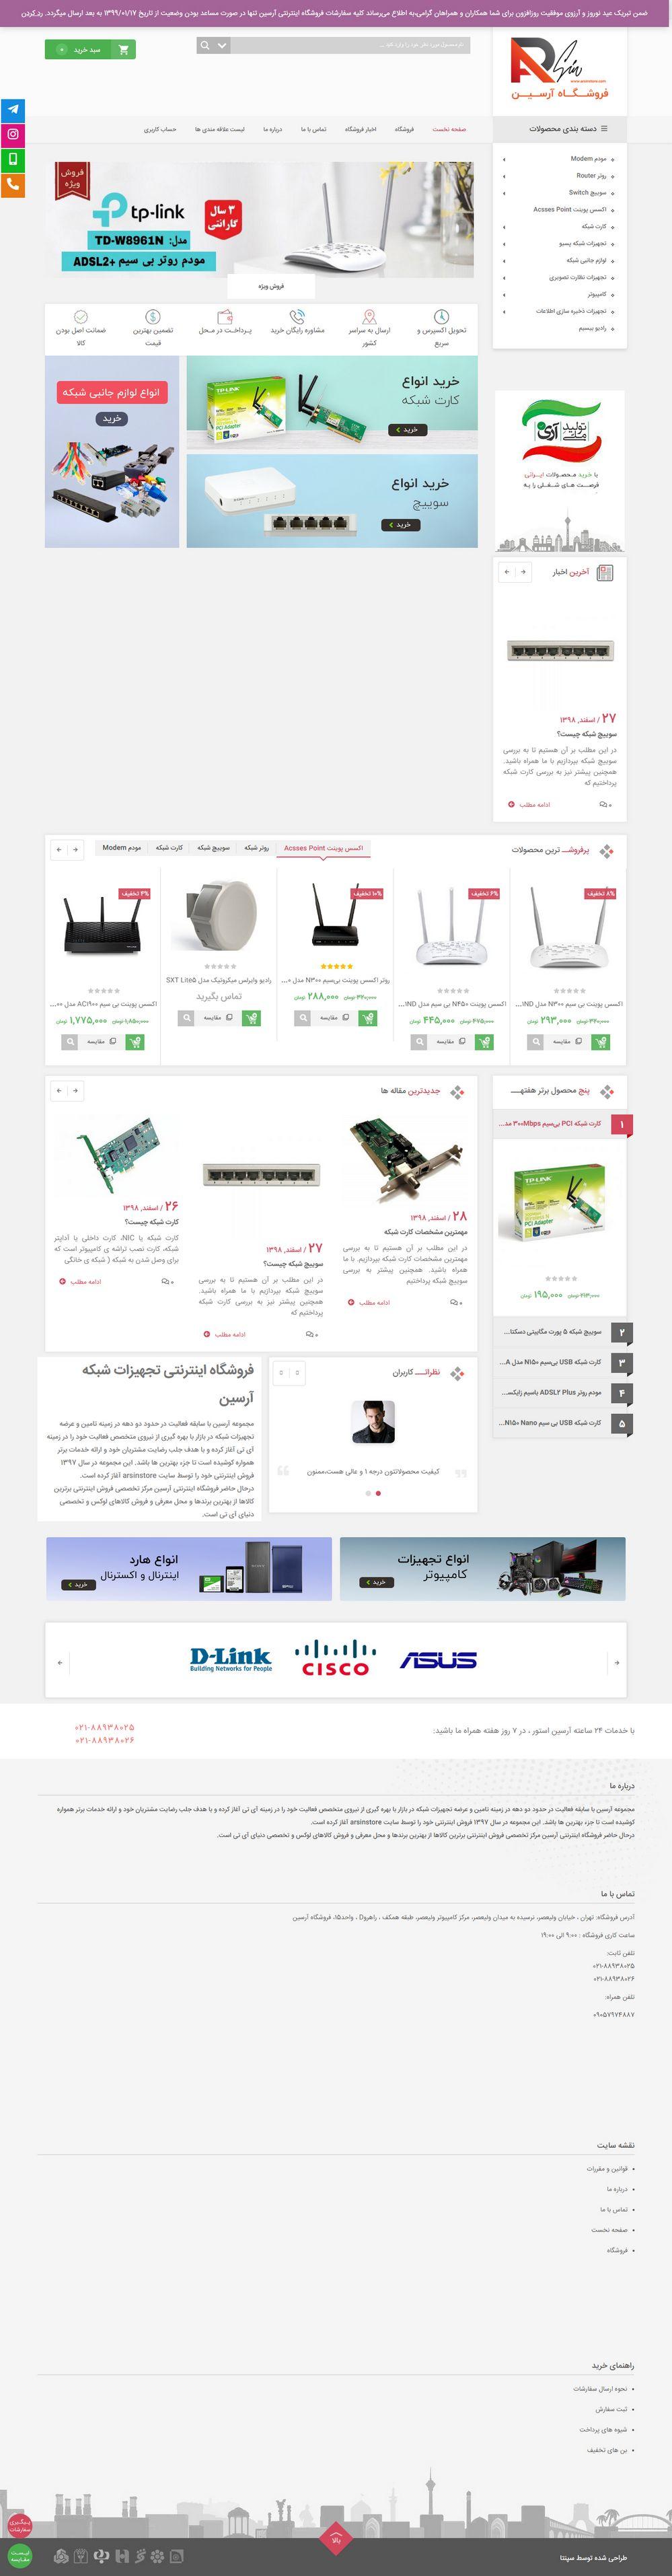 طراحی سایت و فروشگاه اینترنتی آرسین